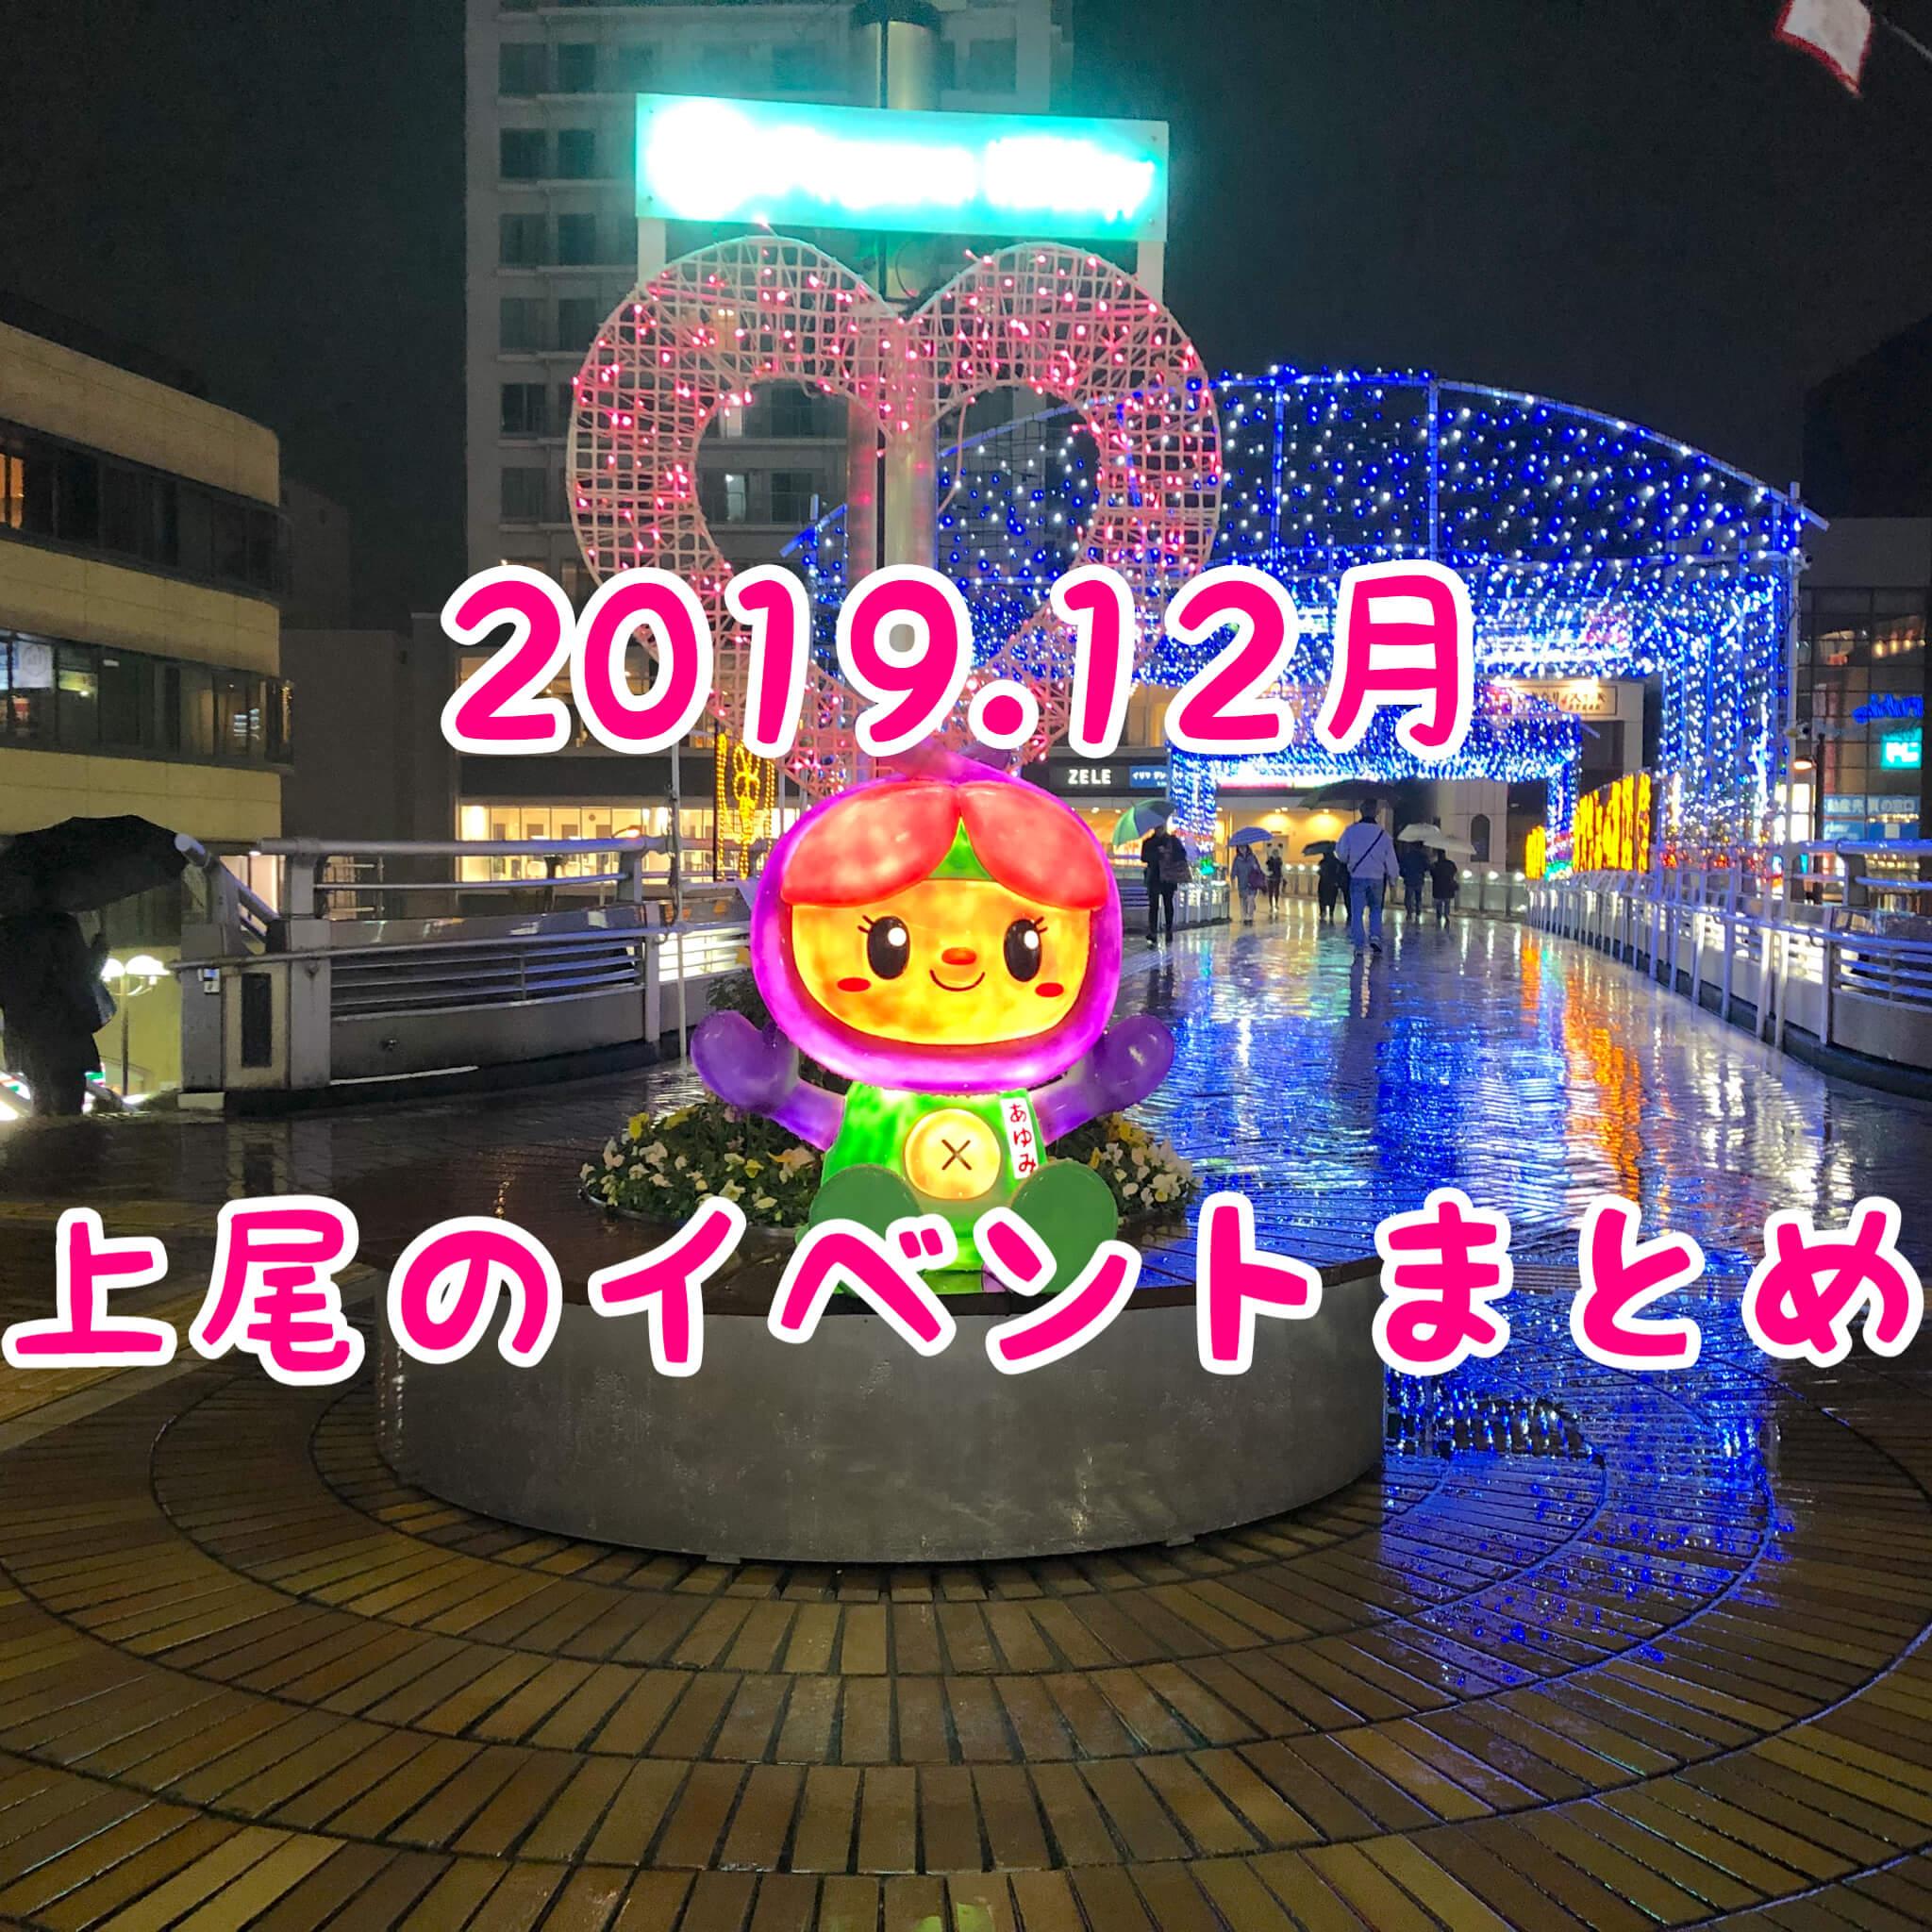 上尾市|2019年12月の注目イベント情報まとめ!